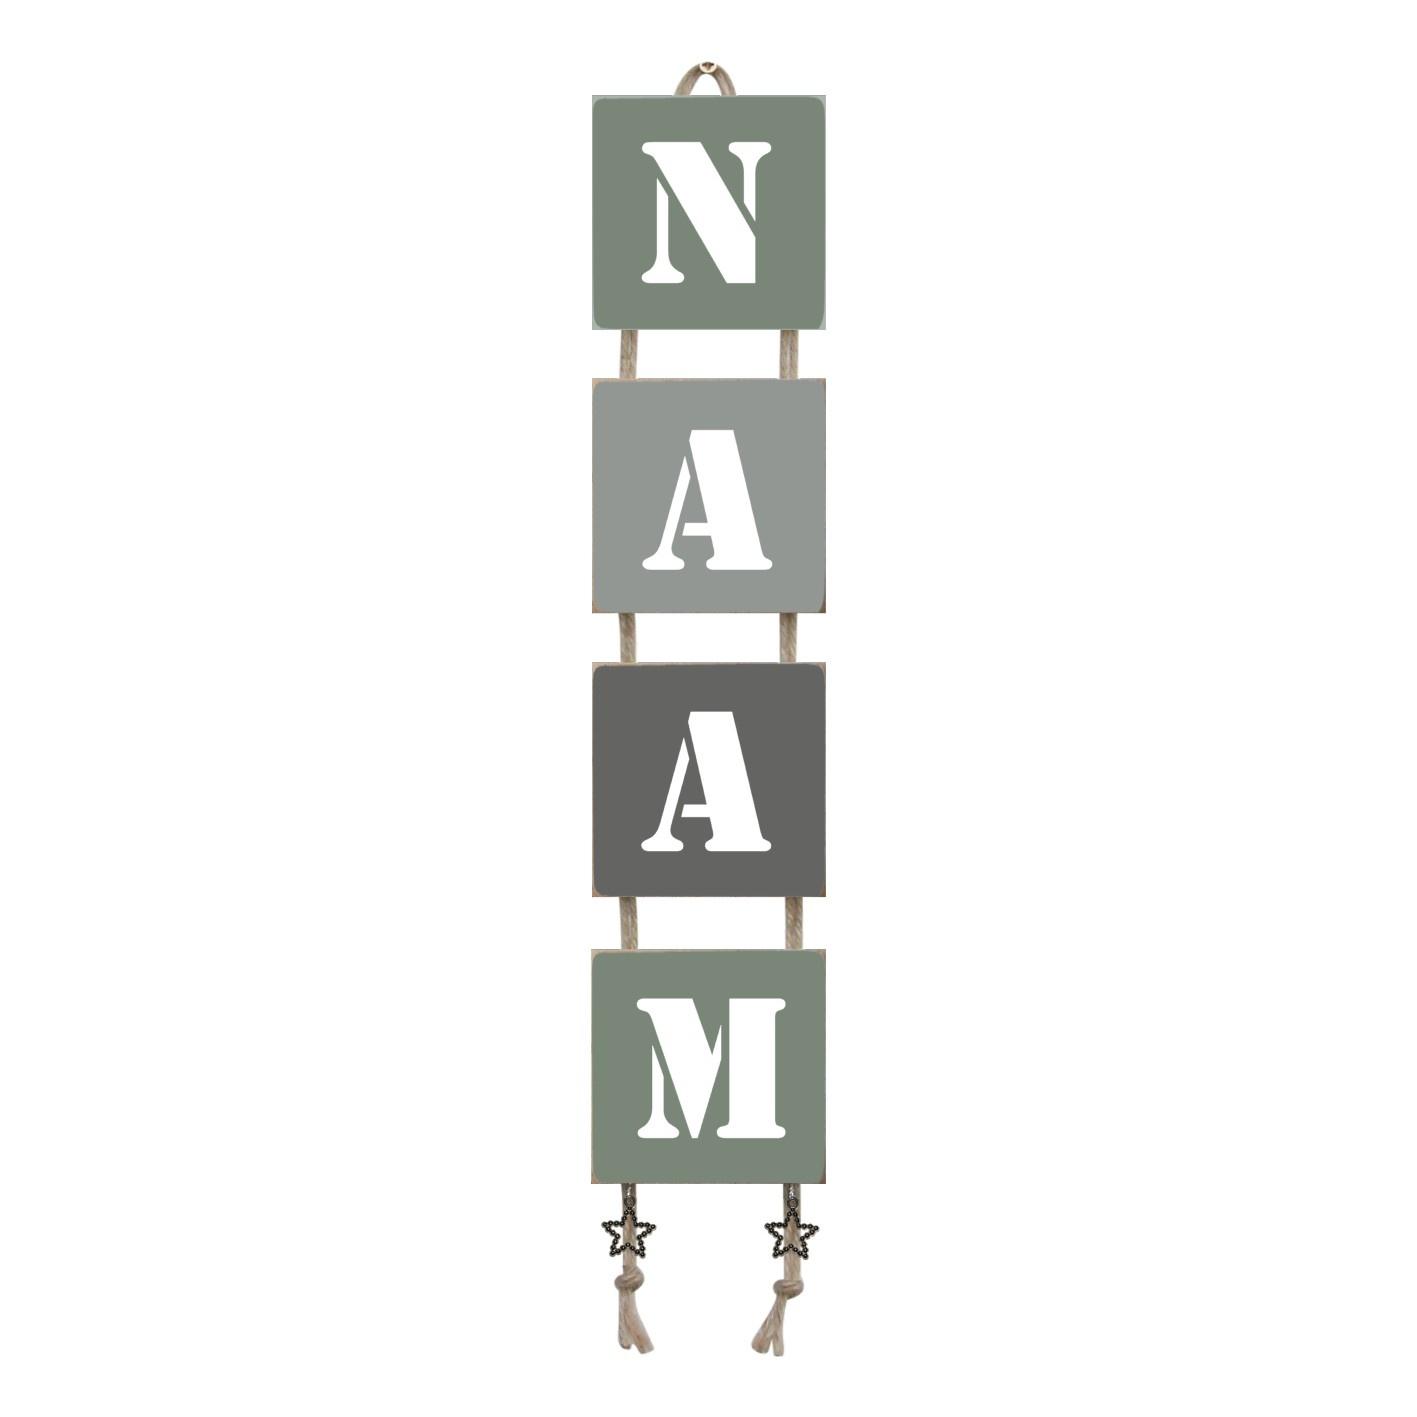 Naamladder leemgroen/grijstinten stencil